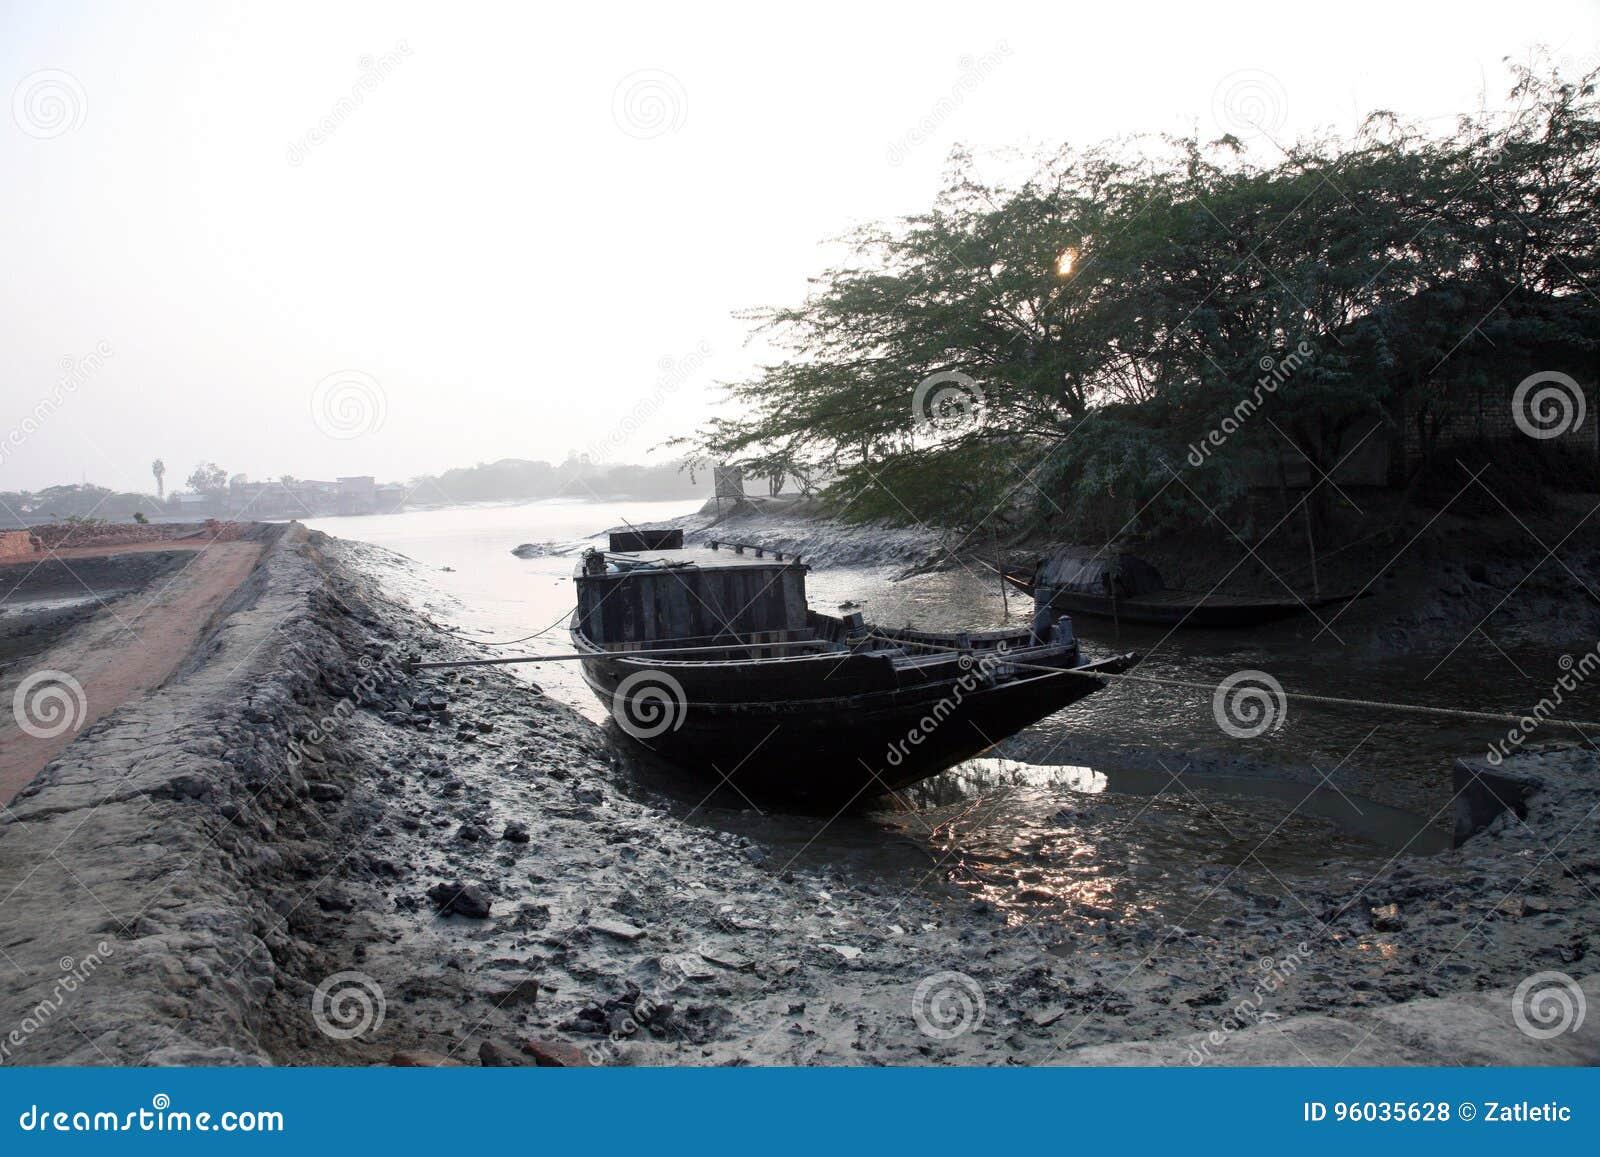 Tradycyjna łódź rybacka w delcie Ganges rzeka w Sundarbans dżungli, India